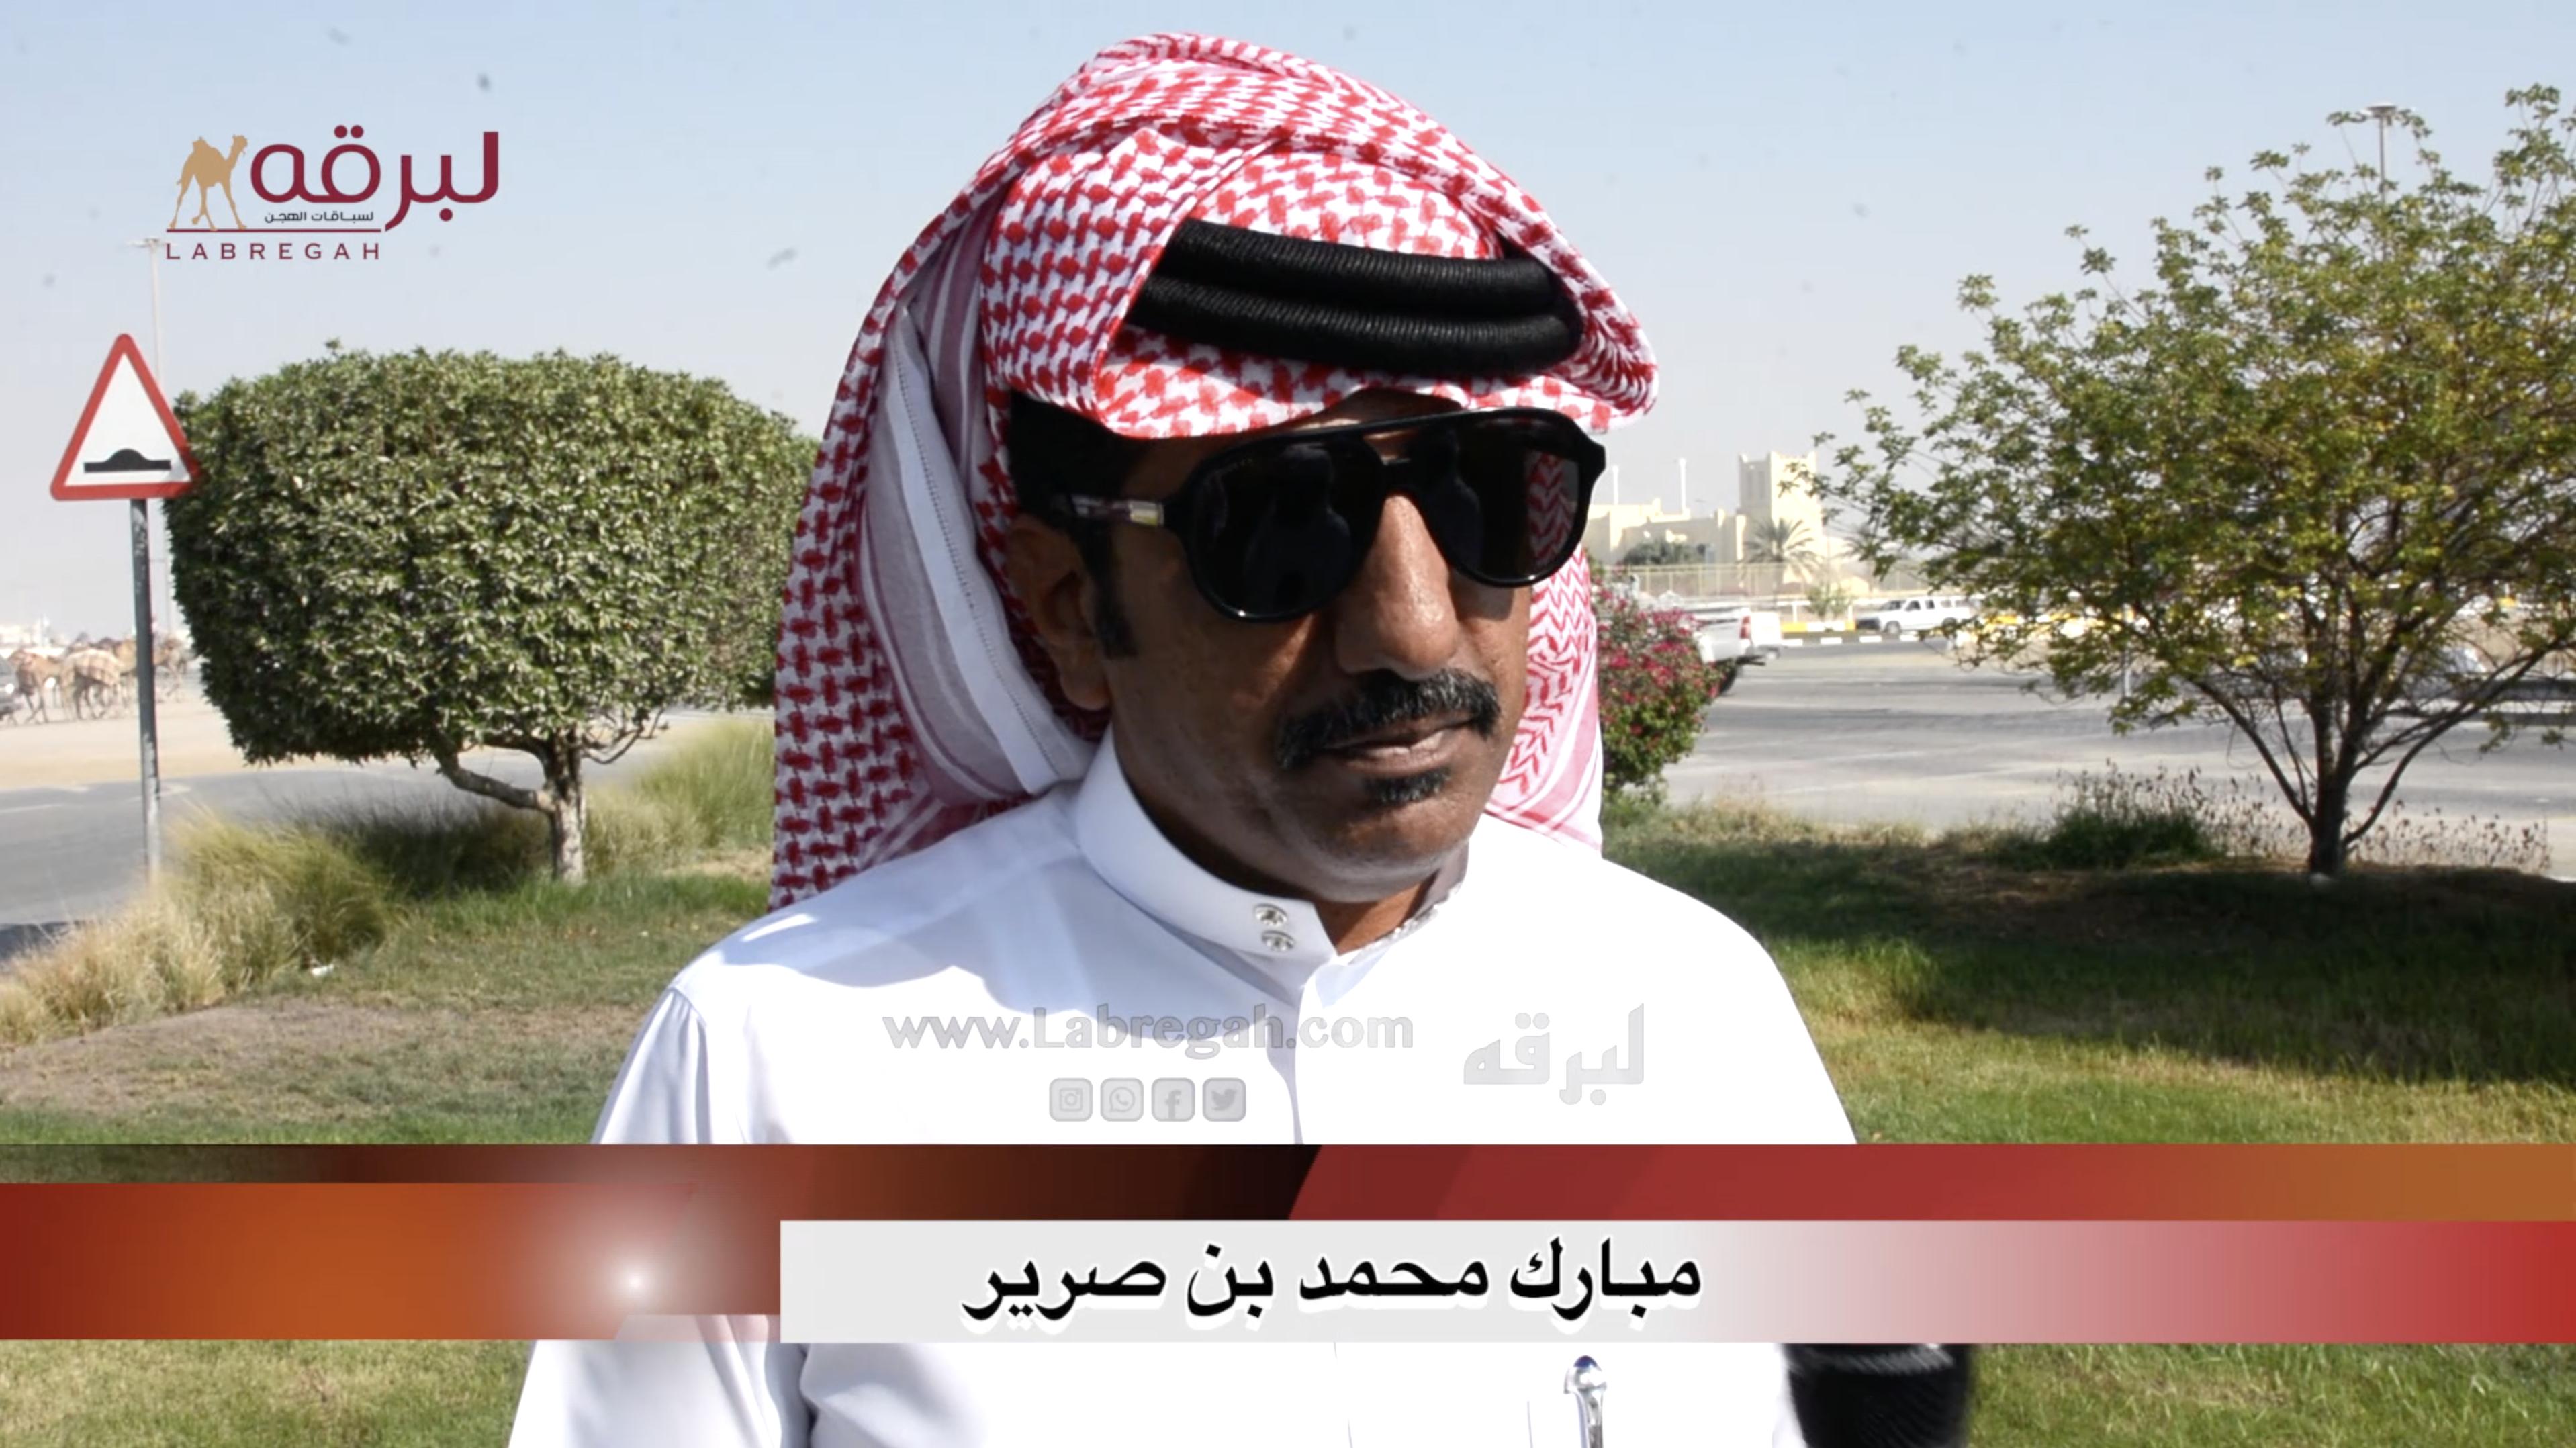 لقاء مع مبارك محمد بن صرير.. الشوط الرئيسي للحقايق بكار إنتاج صباح ١٩-٩-٢٠٢٠